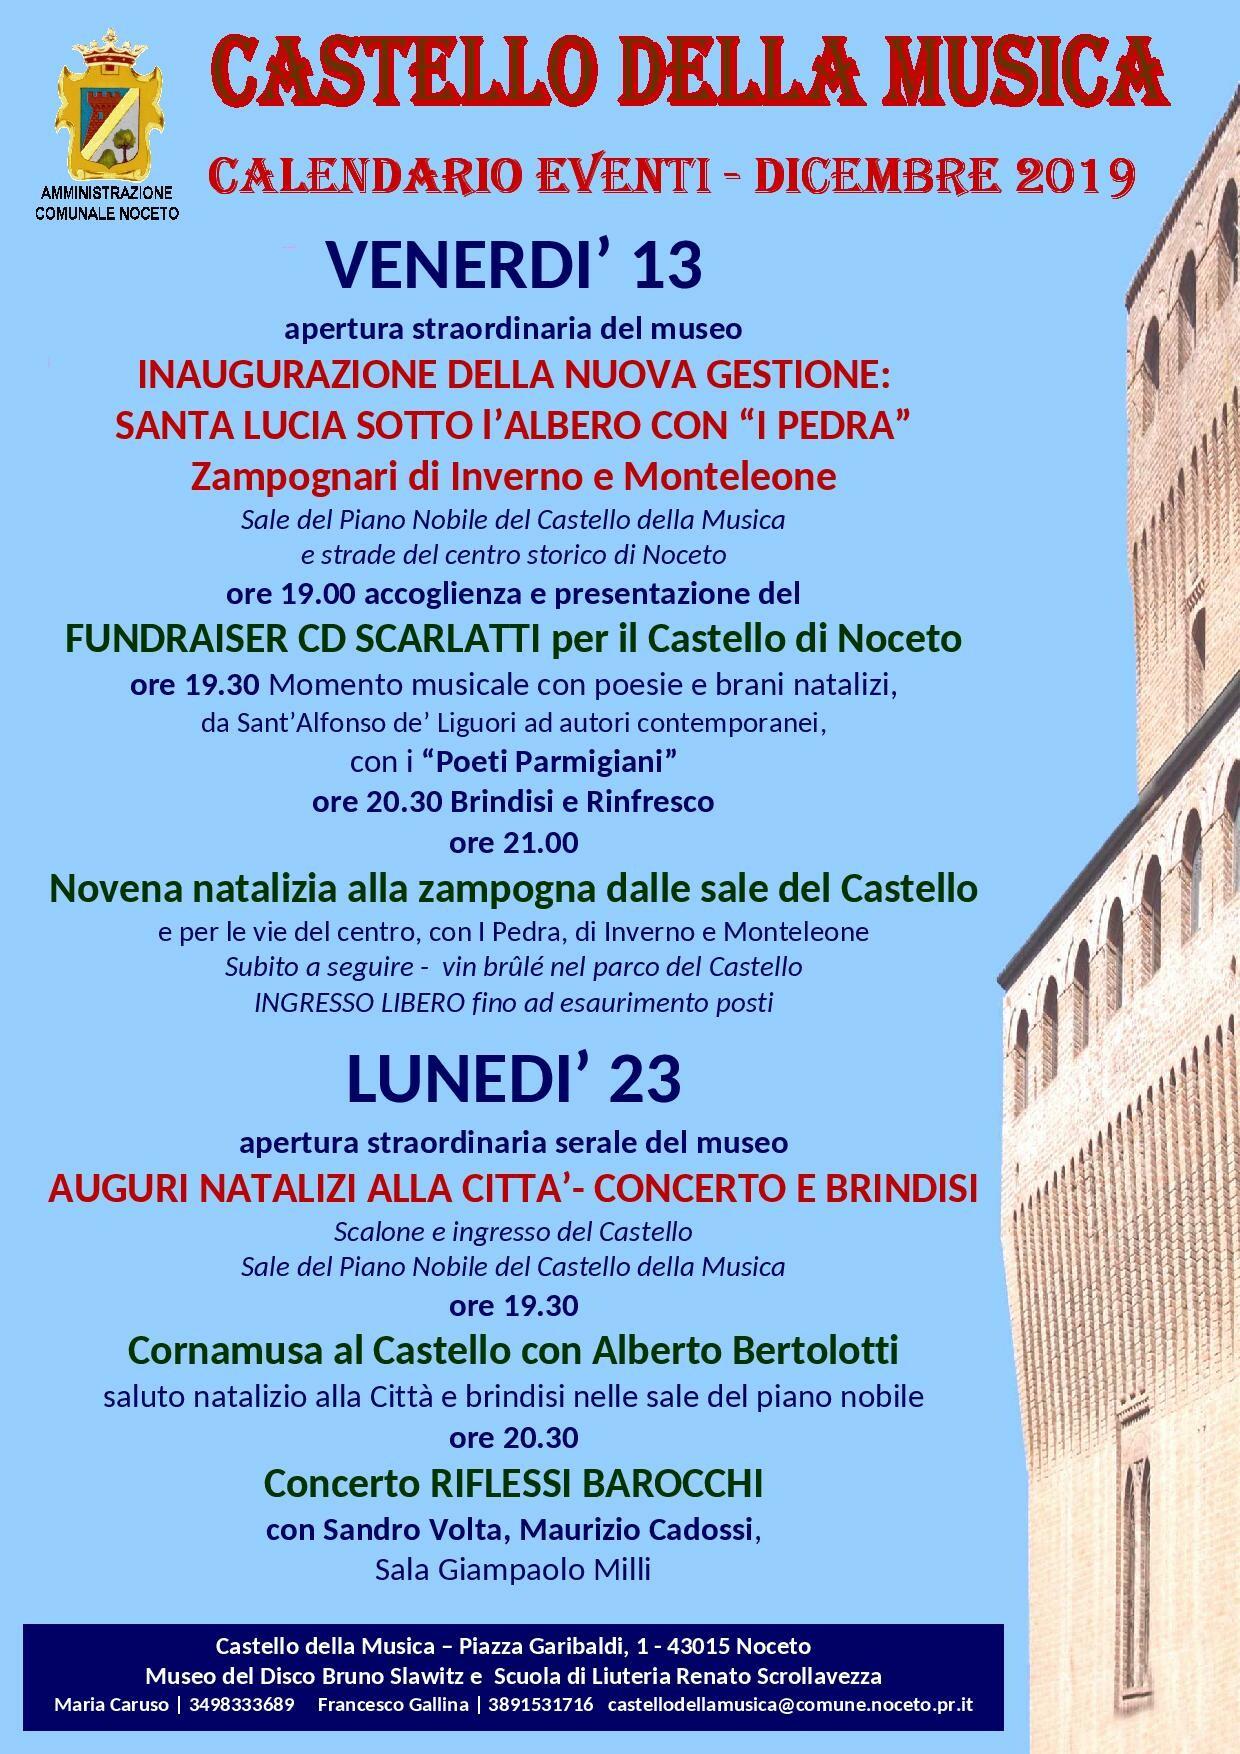 Castello della Musica: calendario eventi dicembre